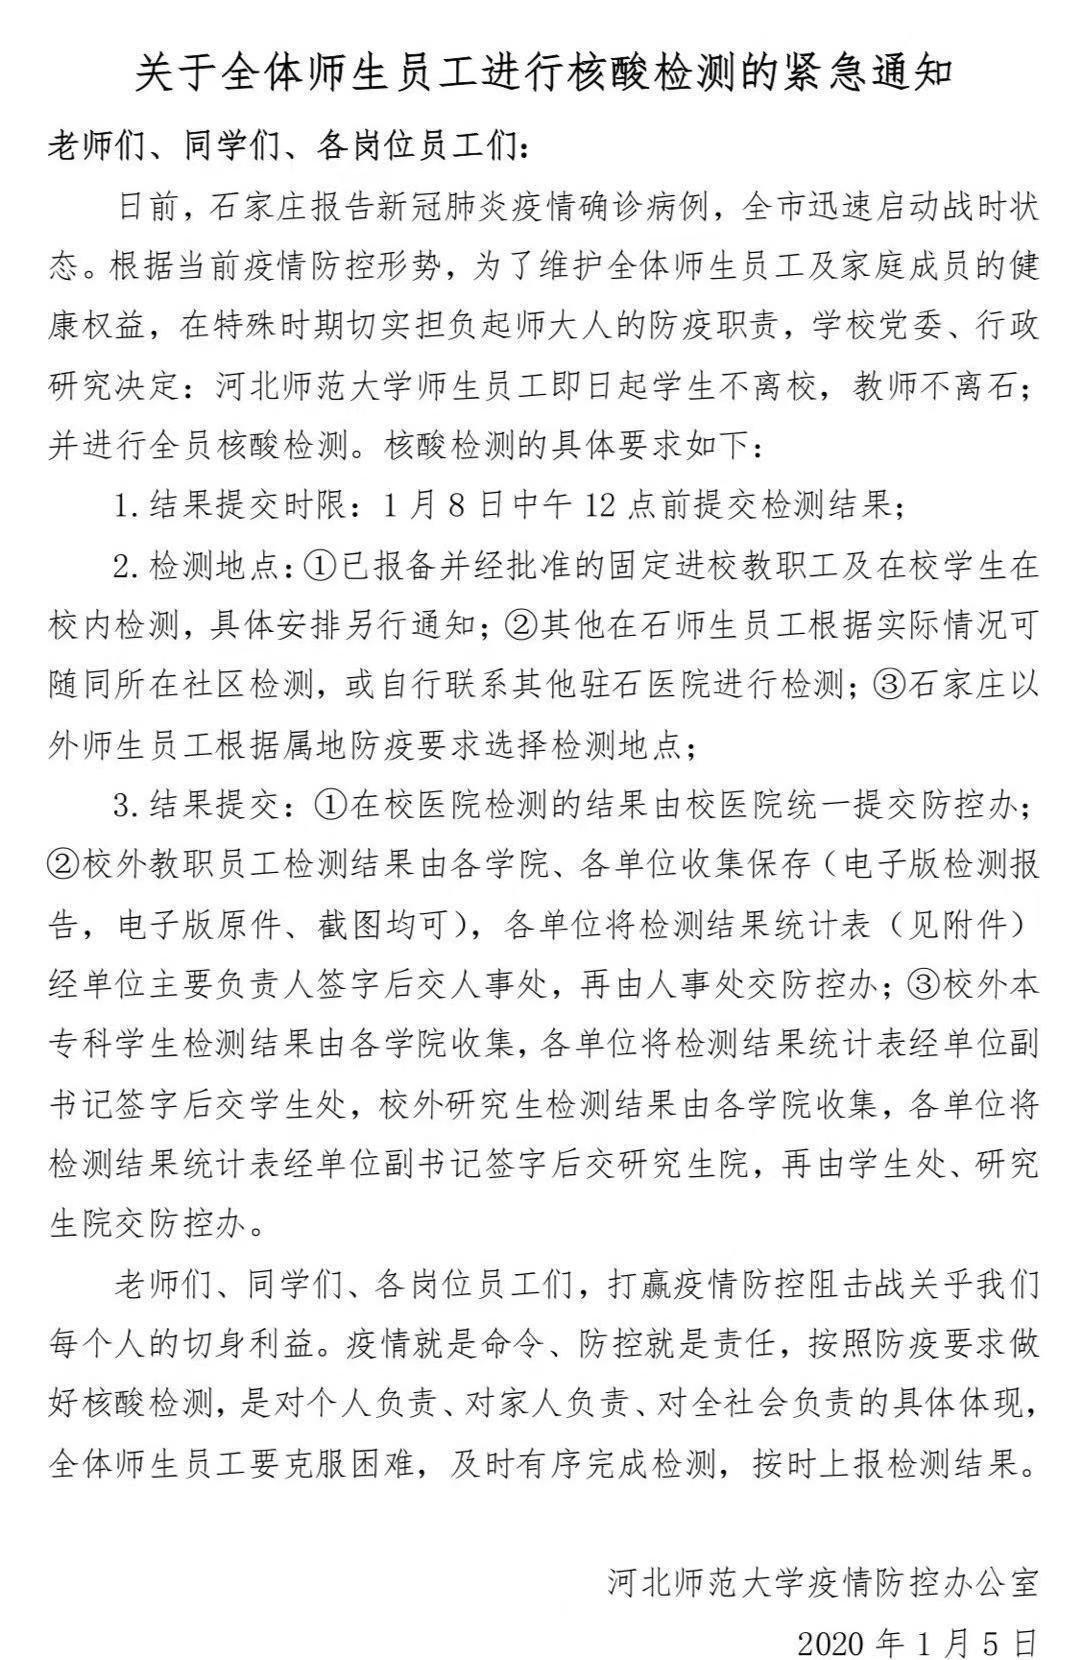 河北师范大学紧急通知:全体师生员工进行核酸检测图片